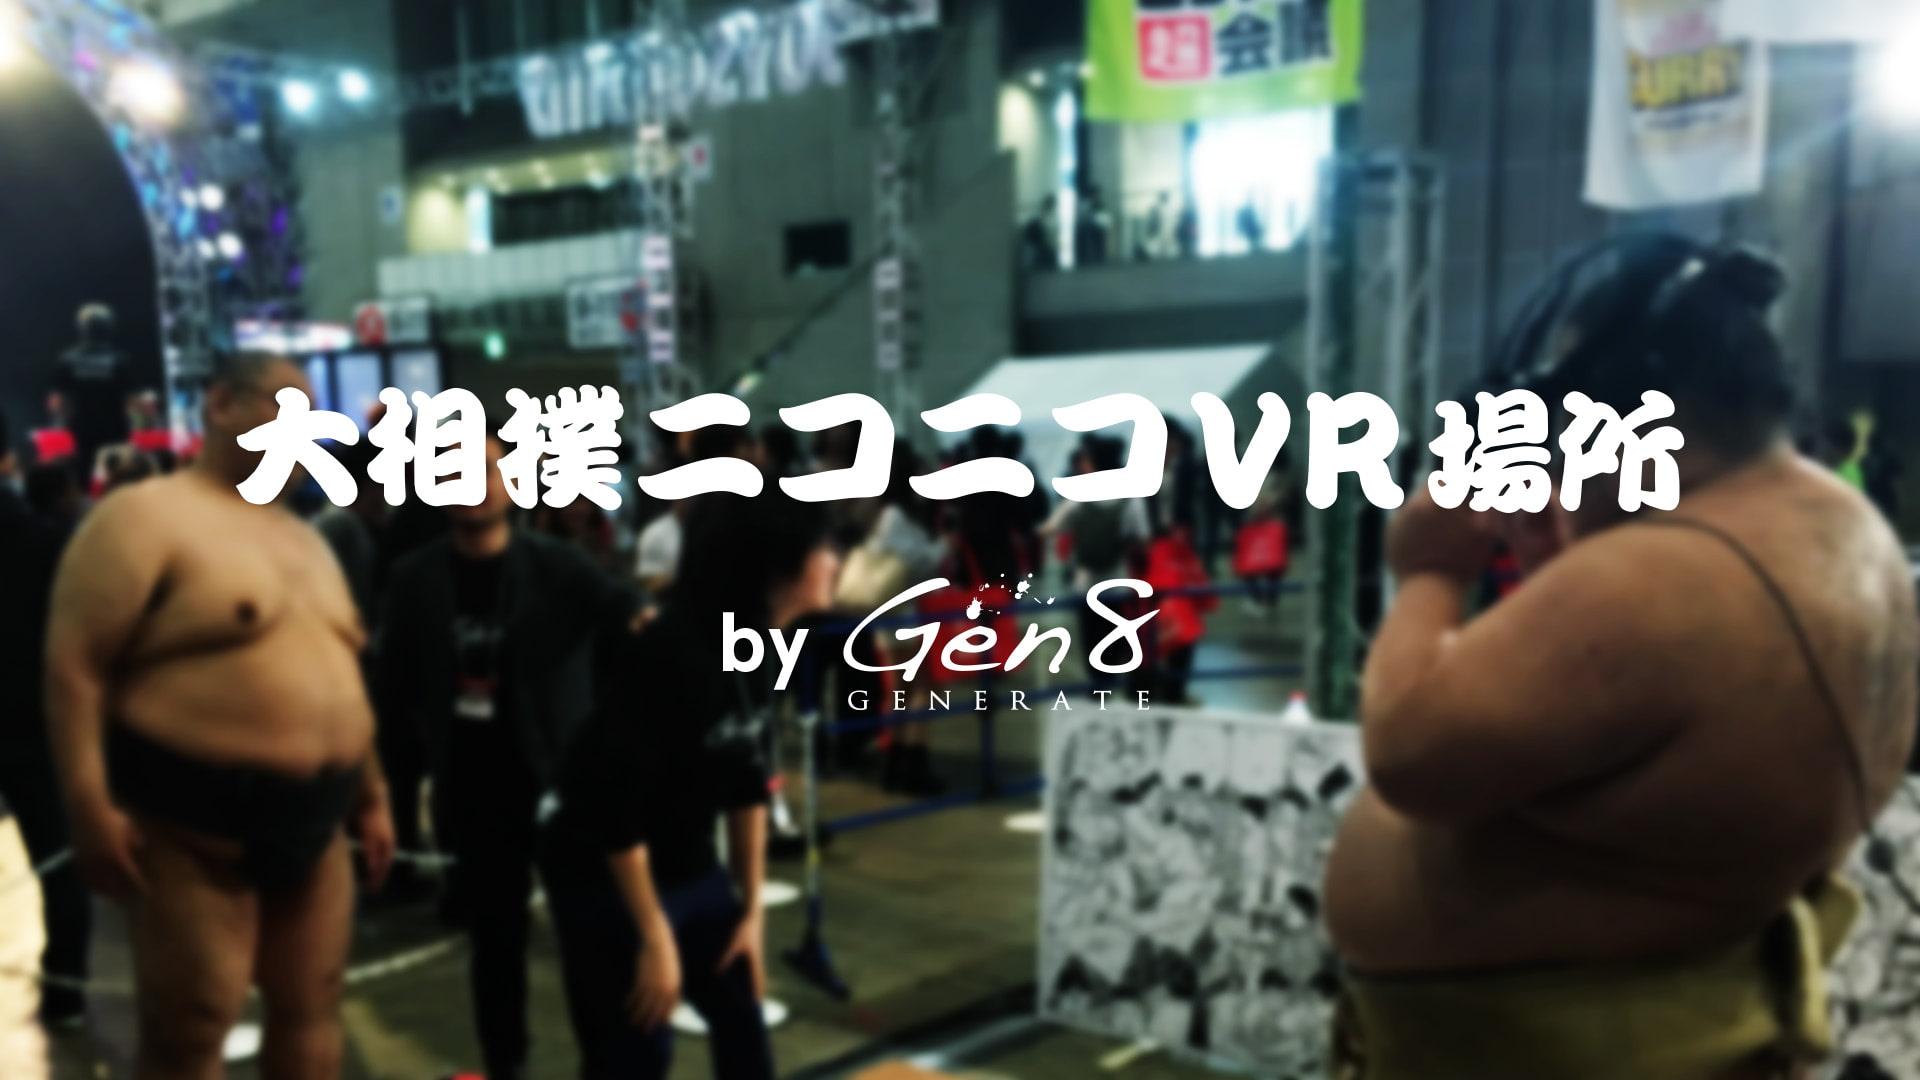 大相撲ニコニコVR場所 by Gen8-GENERATE-